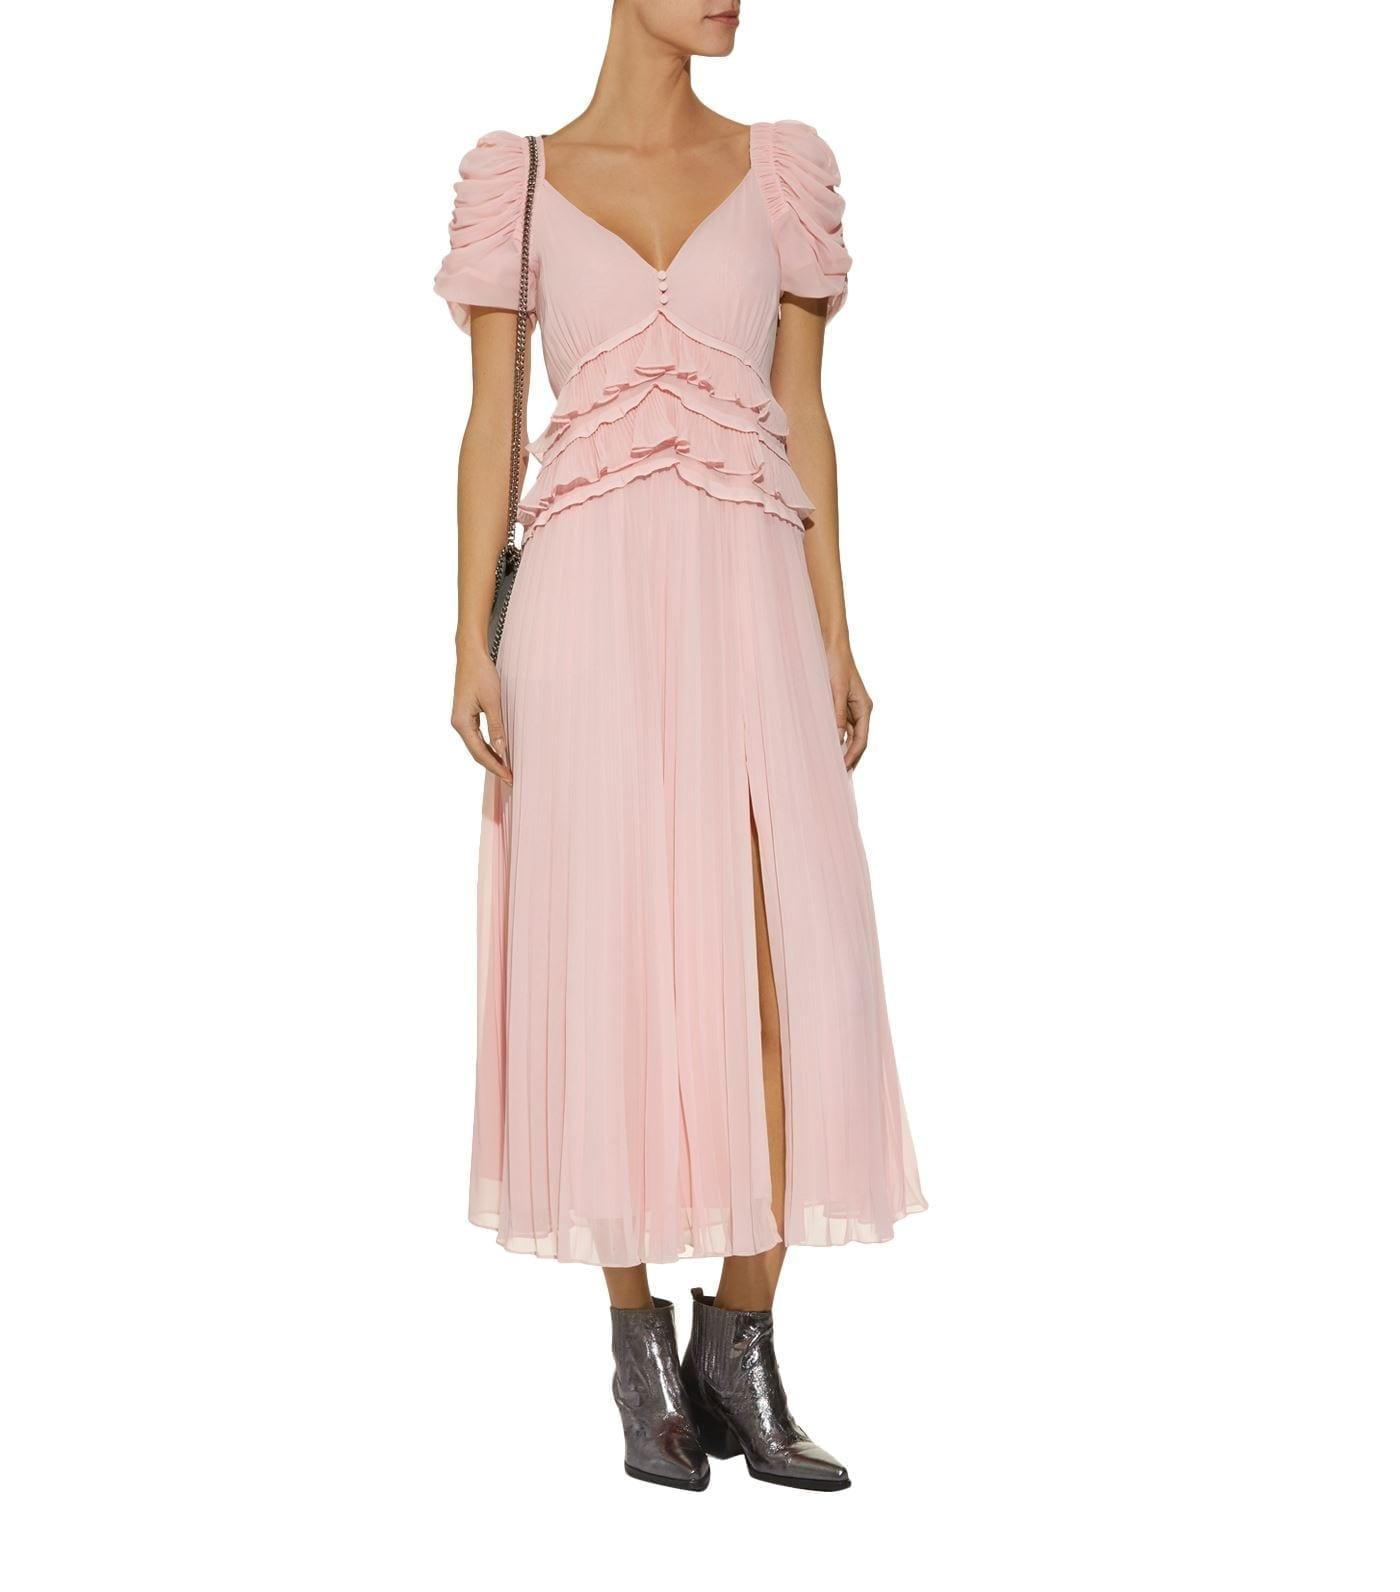 db9bd02df7c8 SELF-PORTRAIT Pleated Chiffon Midi Pink Dress - We Select Dresses